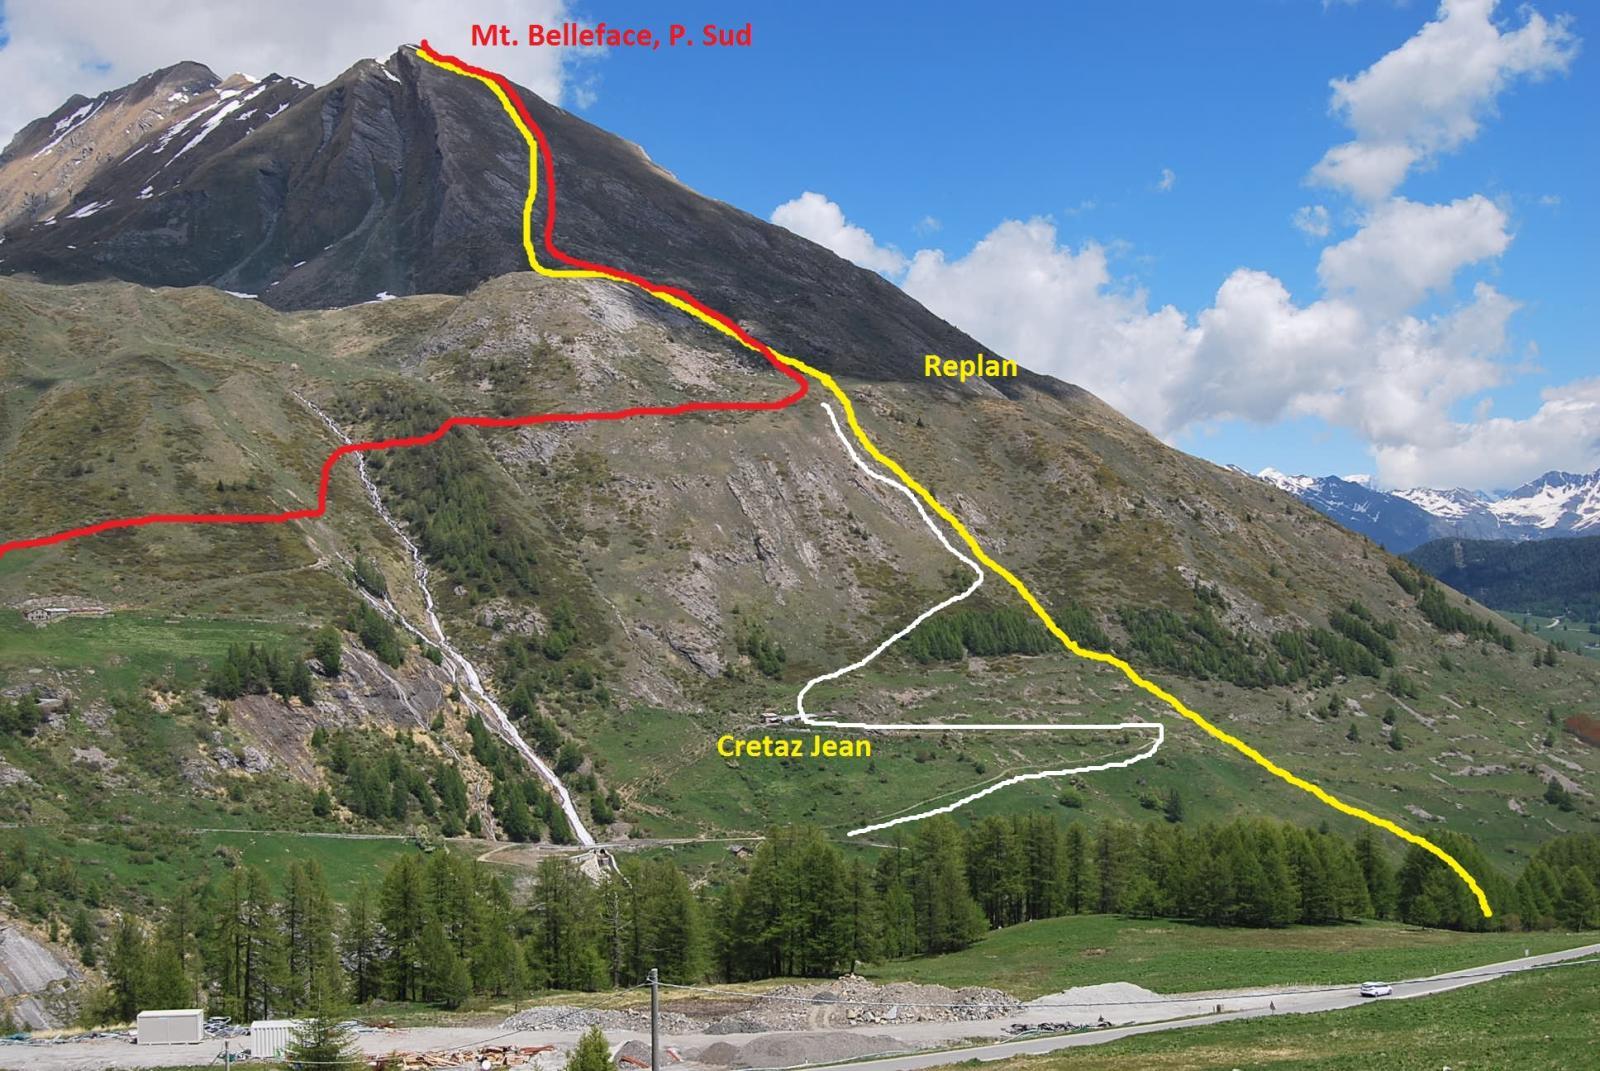 Il Mont Belleface dalla strada del PS Bernardo. In giallo la salita, in rosso la discesa; in bianco possibile alternativa (non provata).